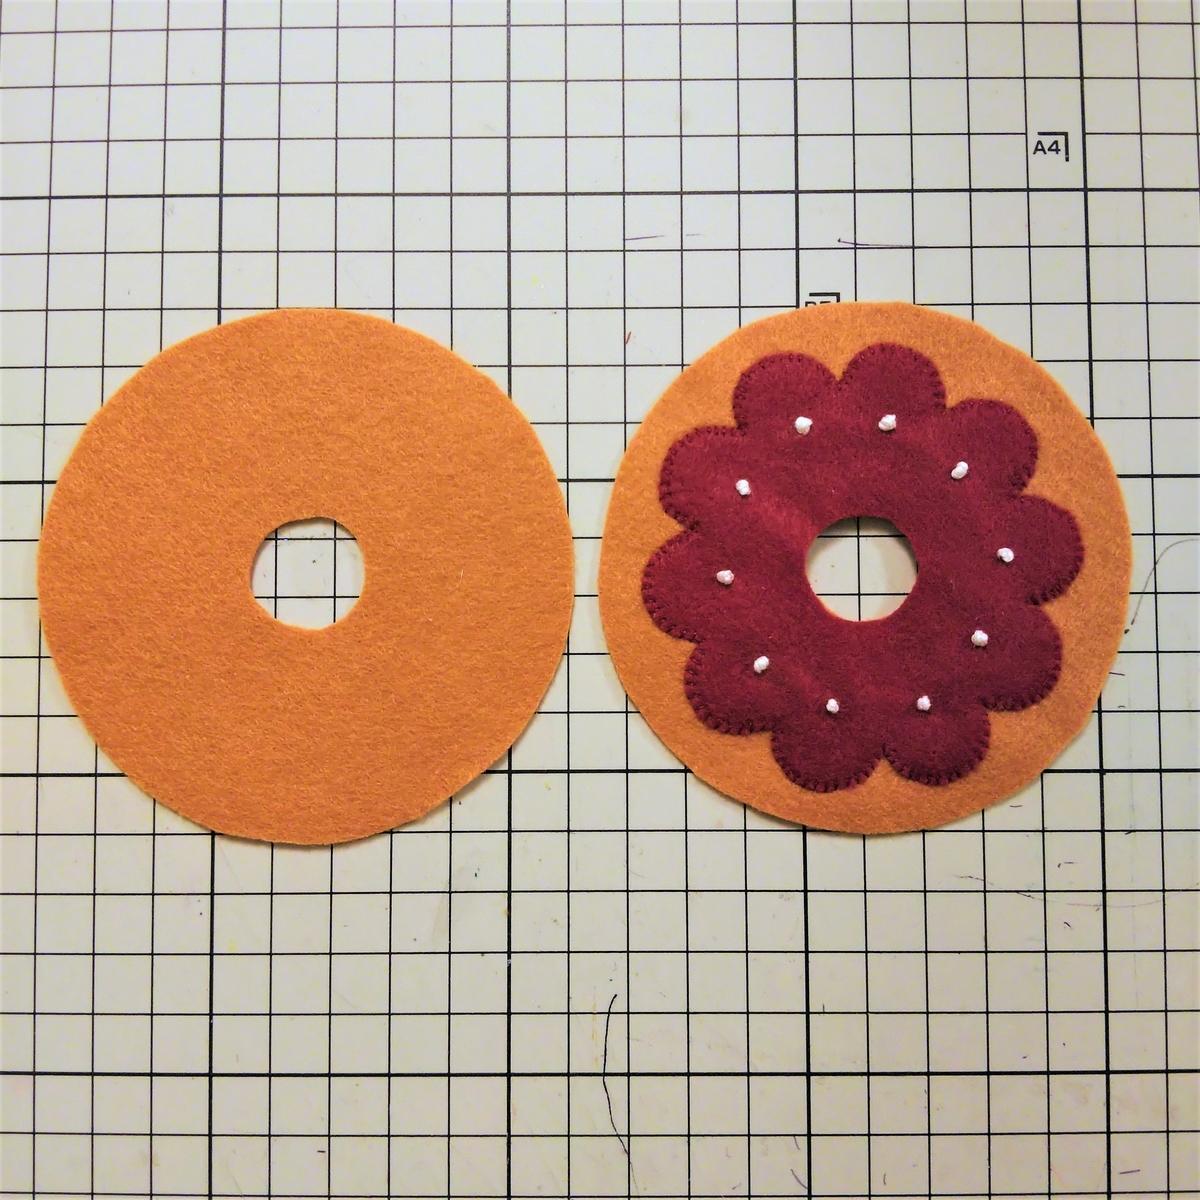 基本のドーナツの作り方⑨ 飾りパーツを縫い付ける